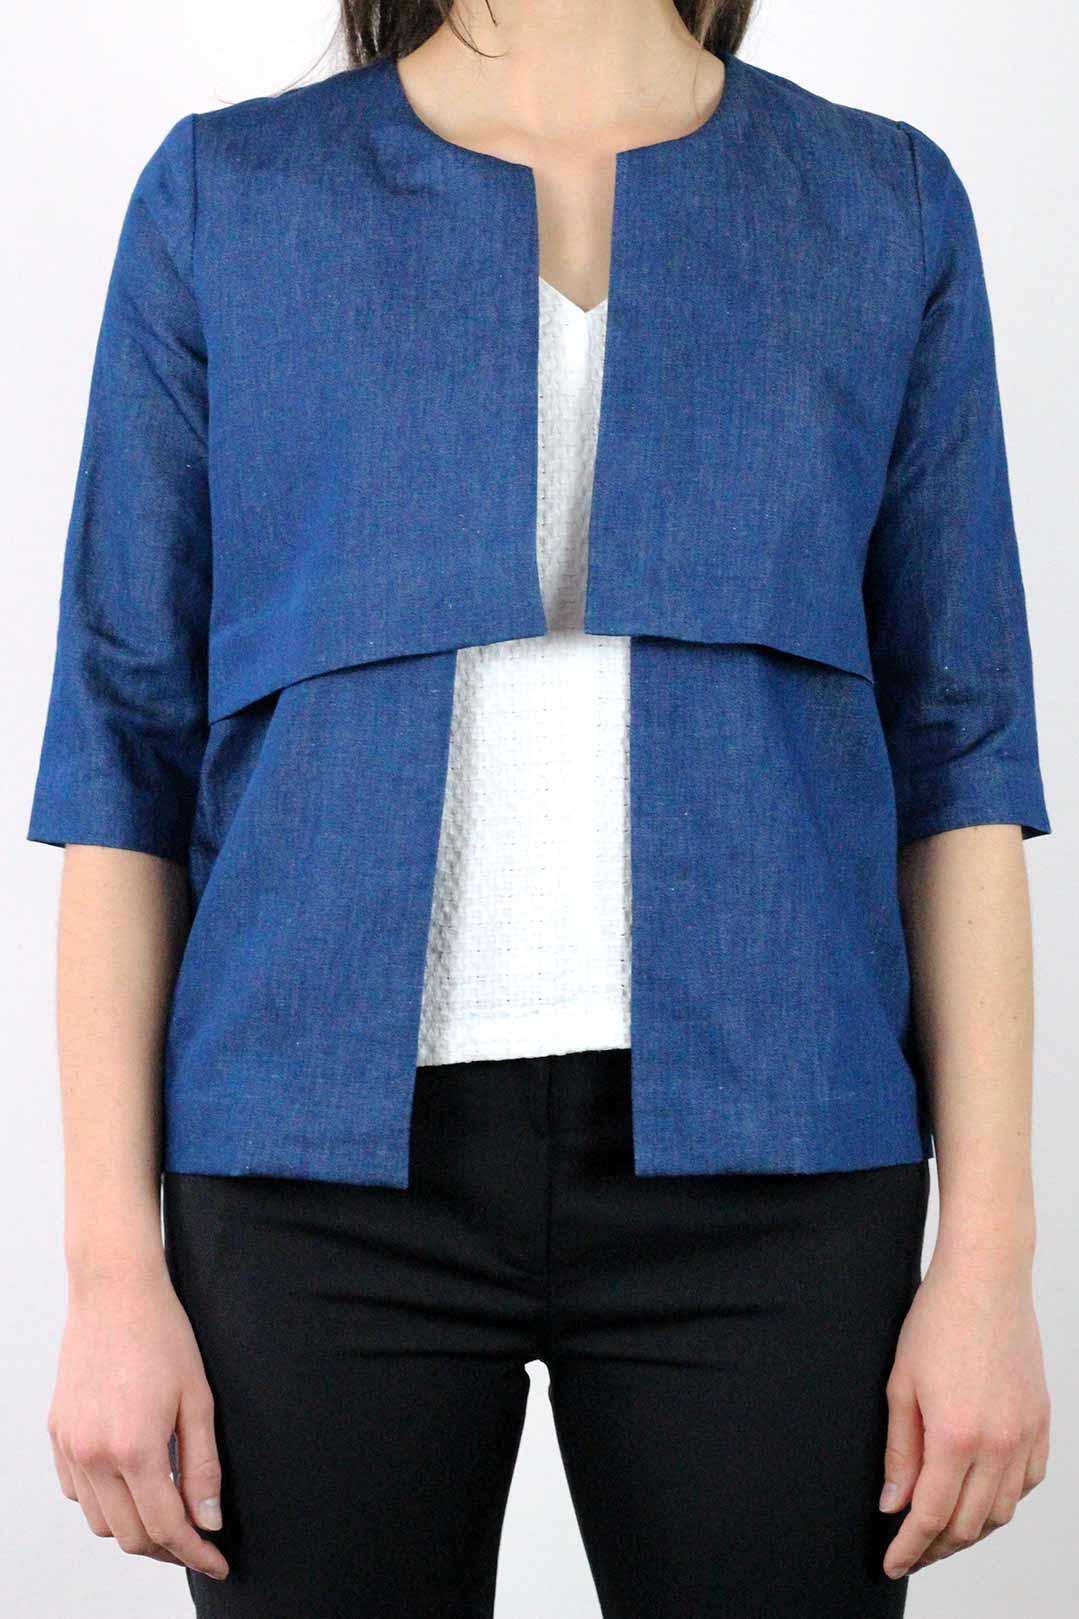 veste lin femme et coton bleu jean atode made in france. Black Bedroom Furniture Sets. Home Design Ideas